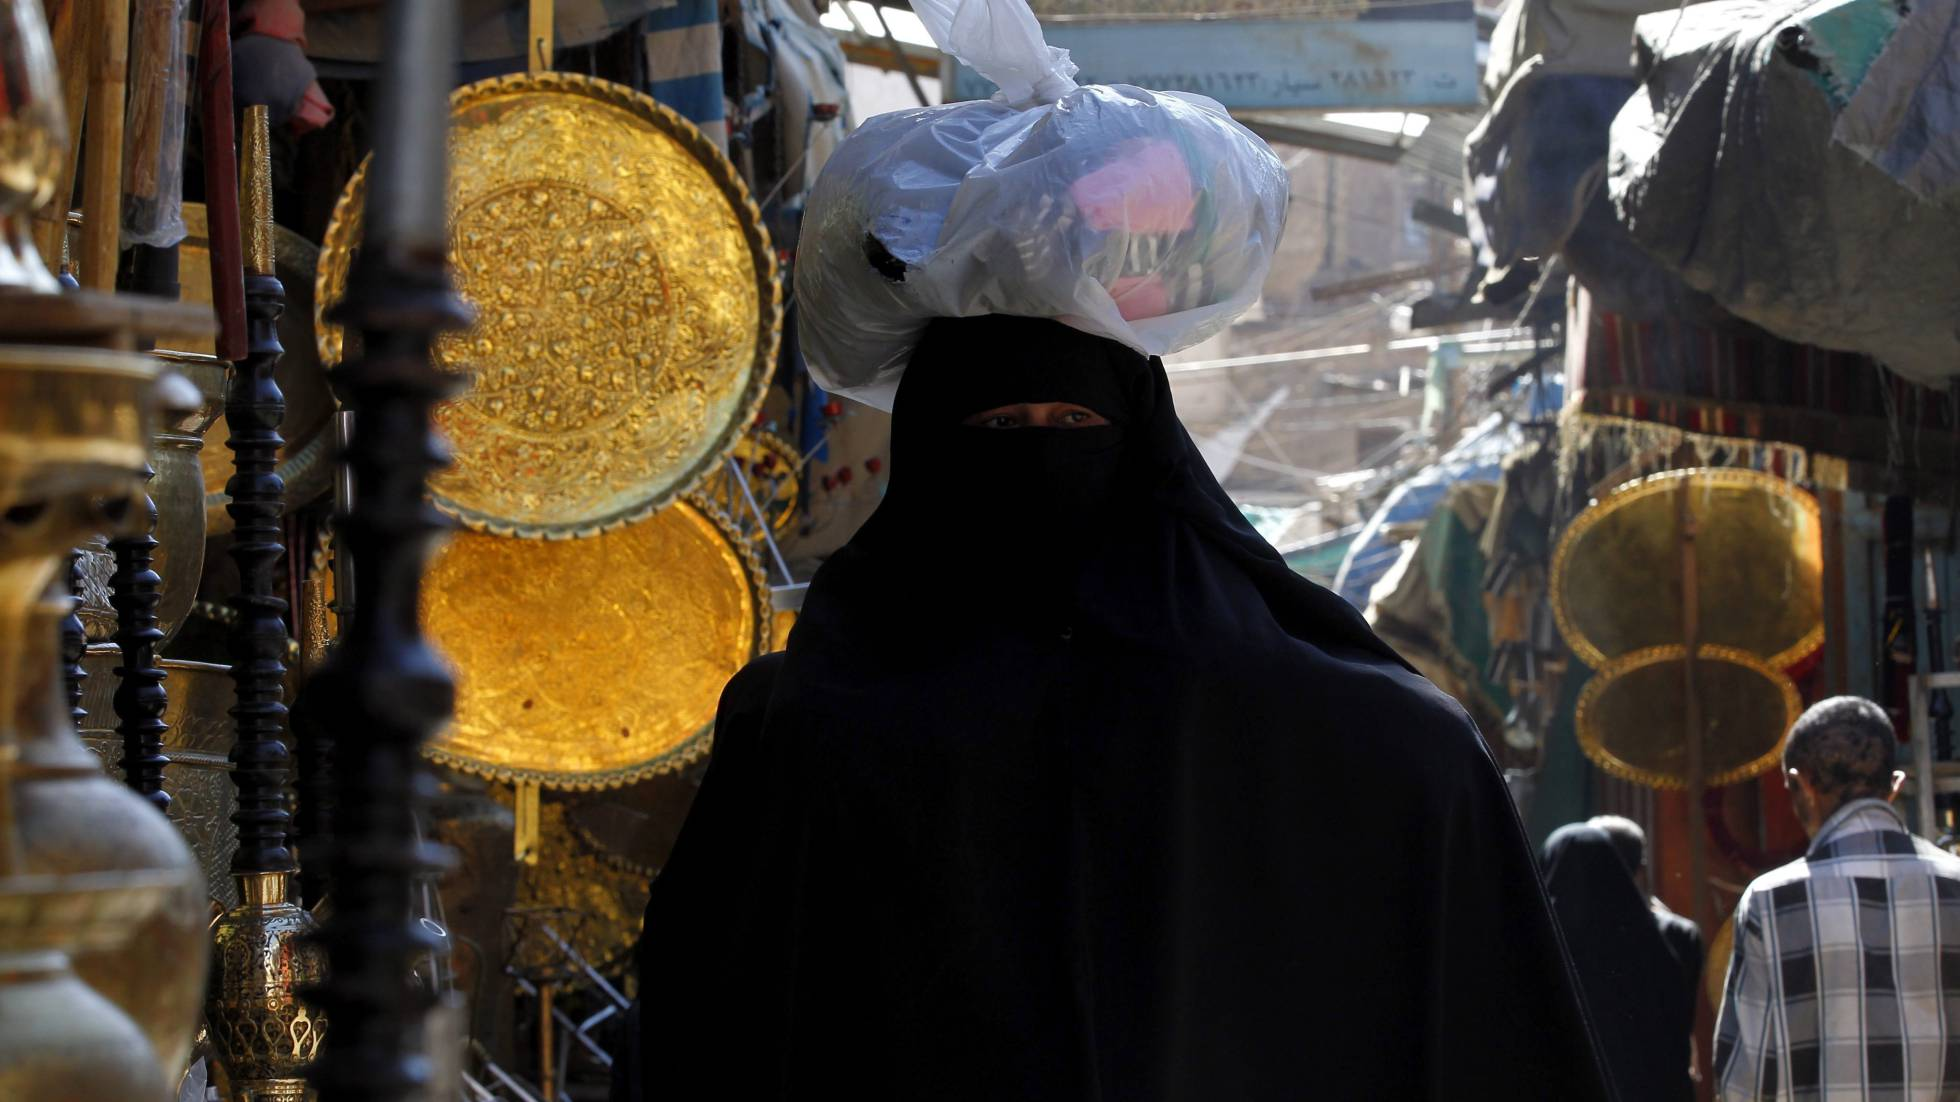 Marruecos inicia la lucha contra el burka